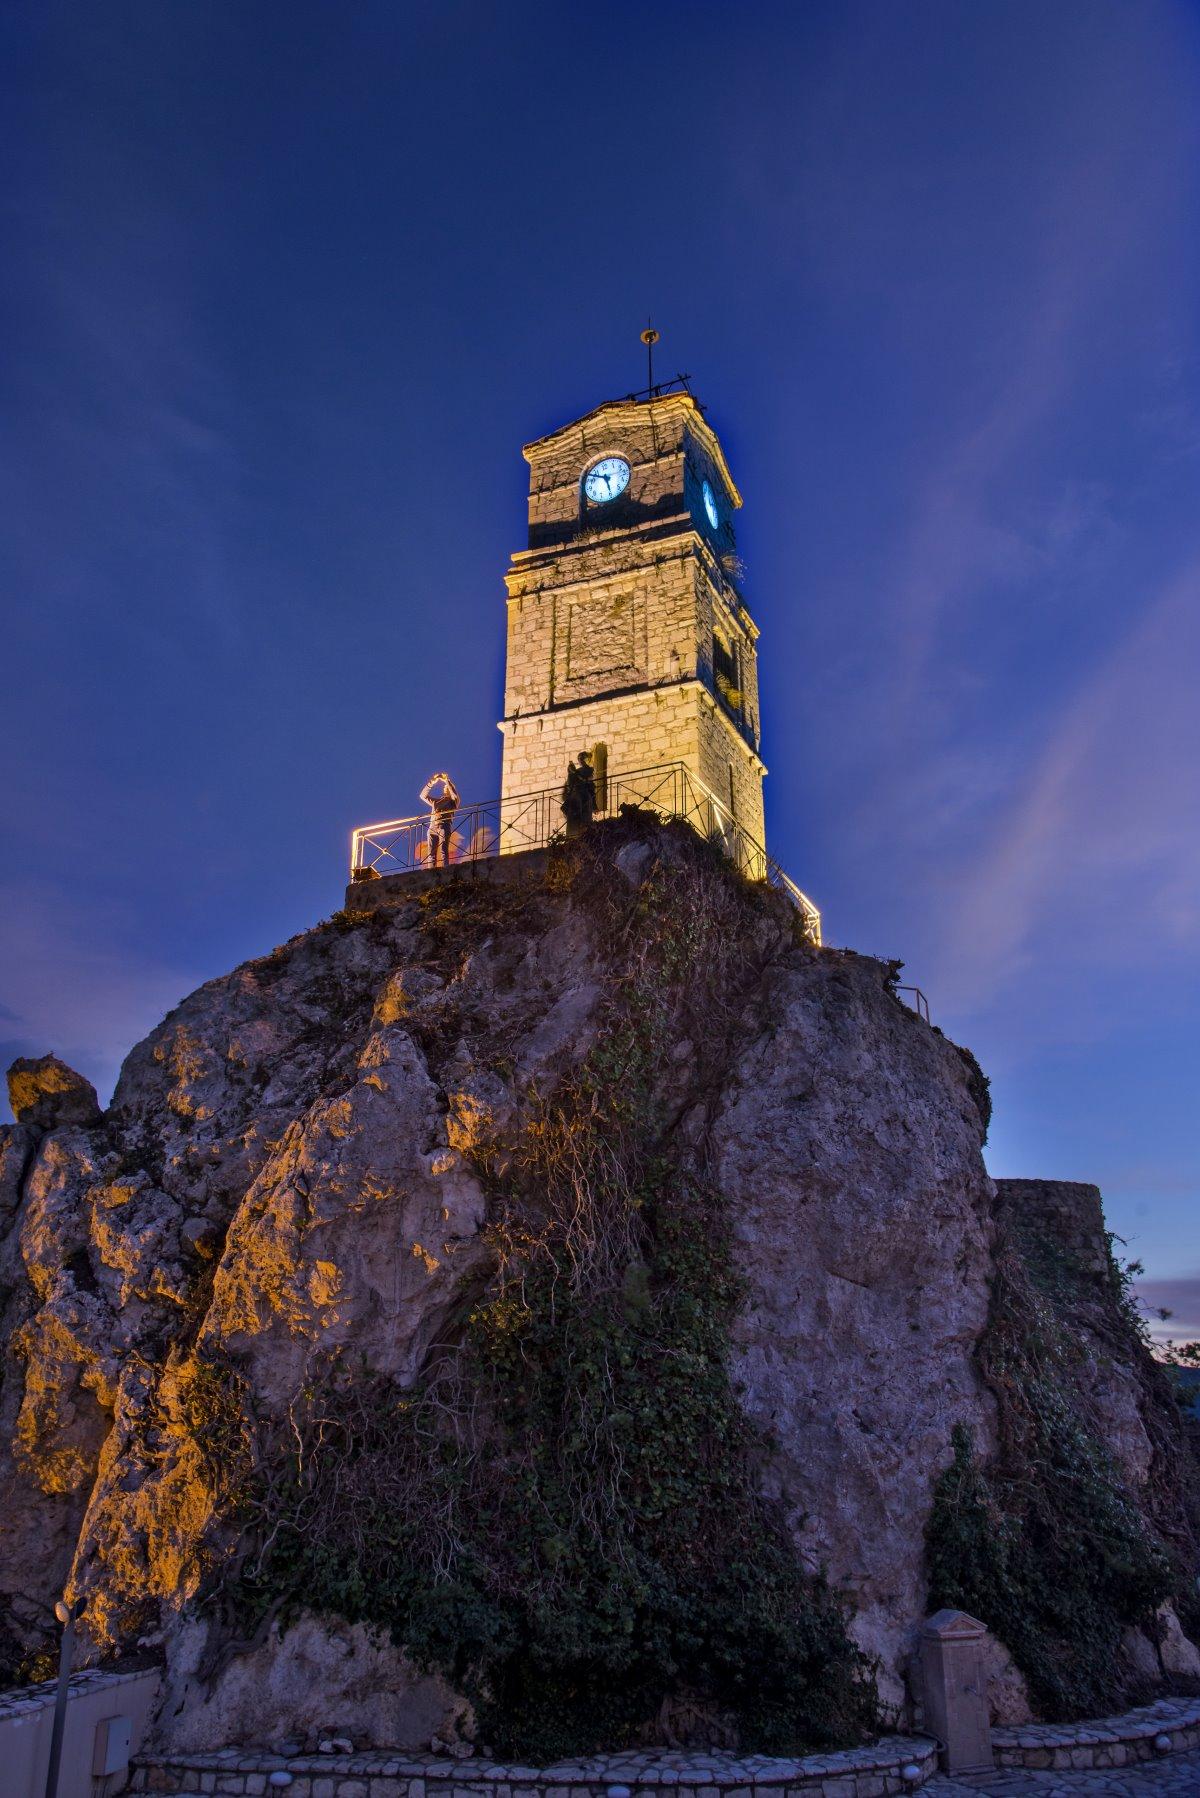 Ρολόγια σε Πύργο με το διάσημο ρολόι της Αράχωβας τη νύχτα